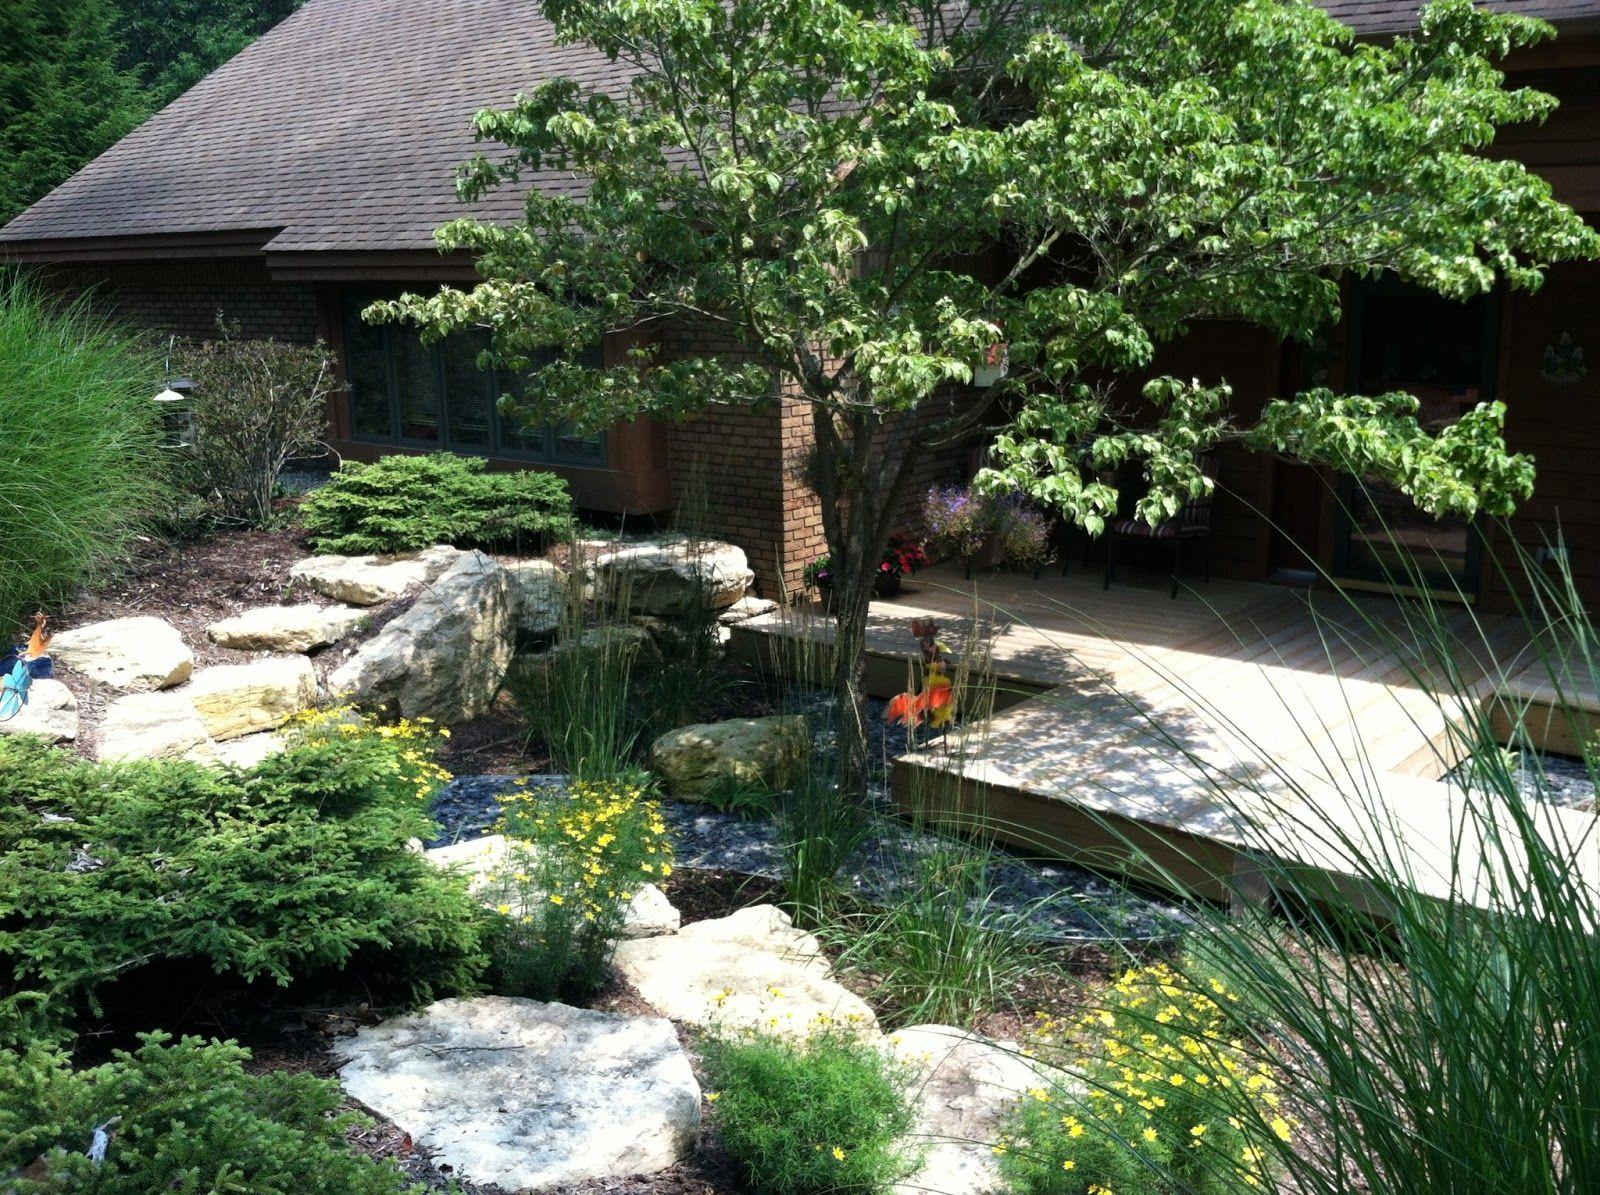 Pretentious Backyard Post Backyard Designs Appeared On Home Backyard Post Backyard Designs Appeared Small Backyard Designs Backyard Landscape Designs